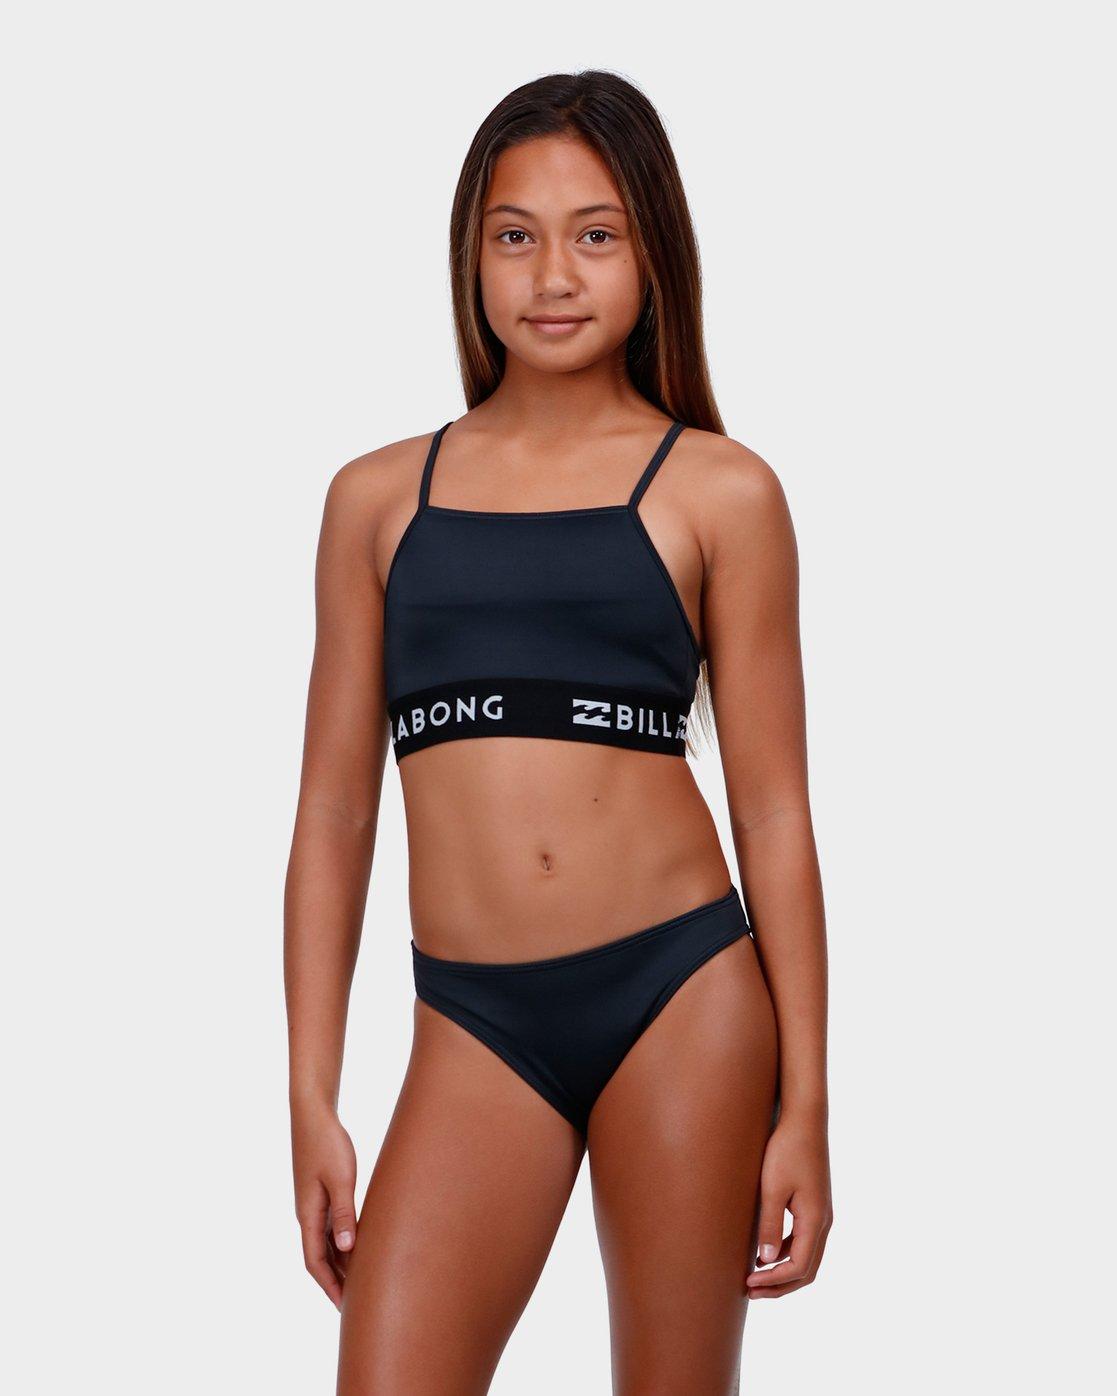 Teen models swimwear